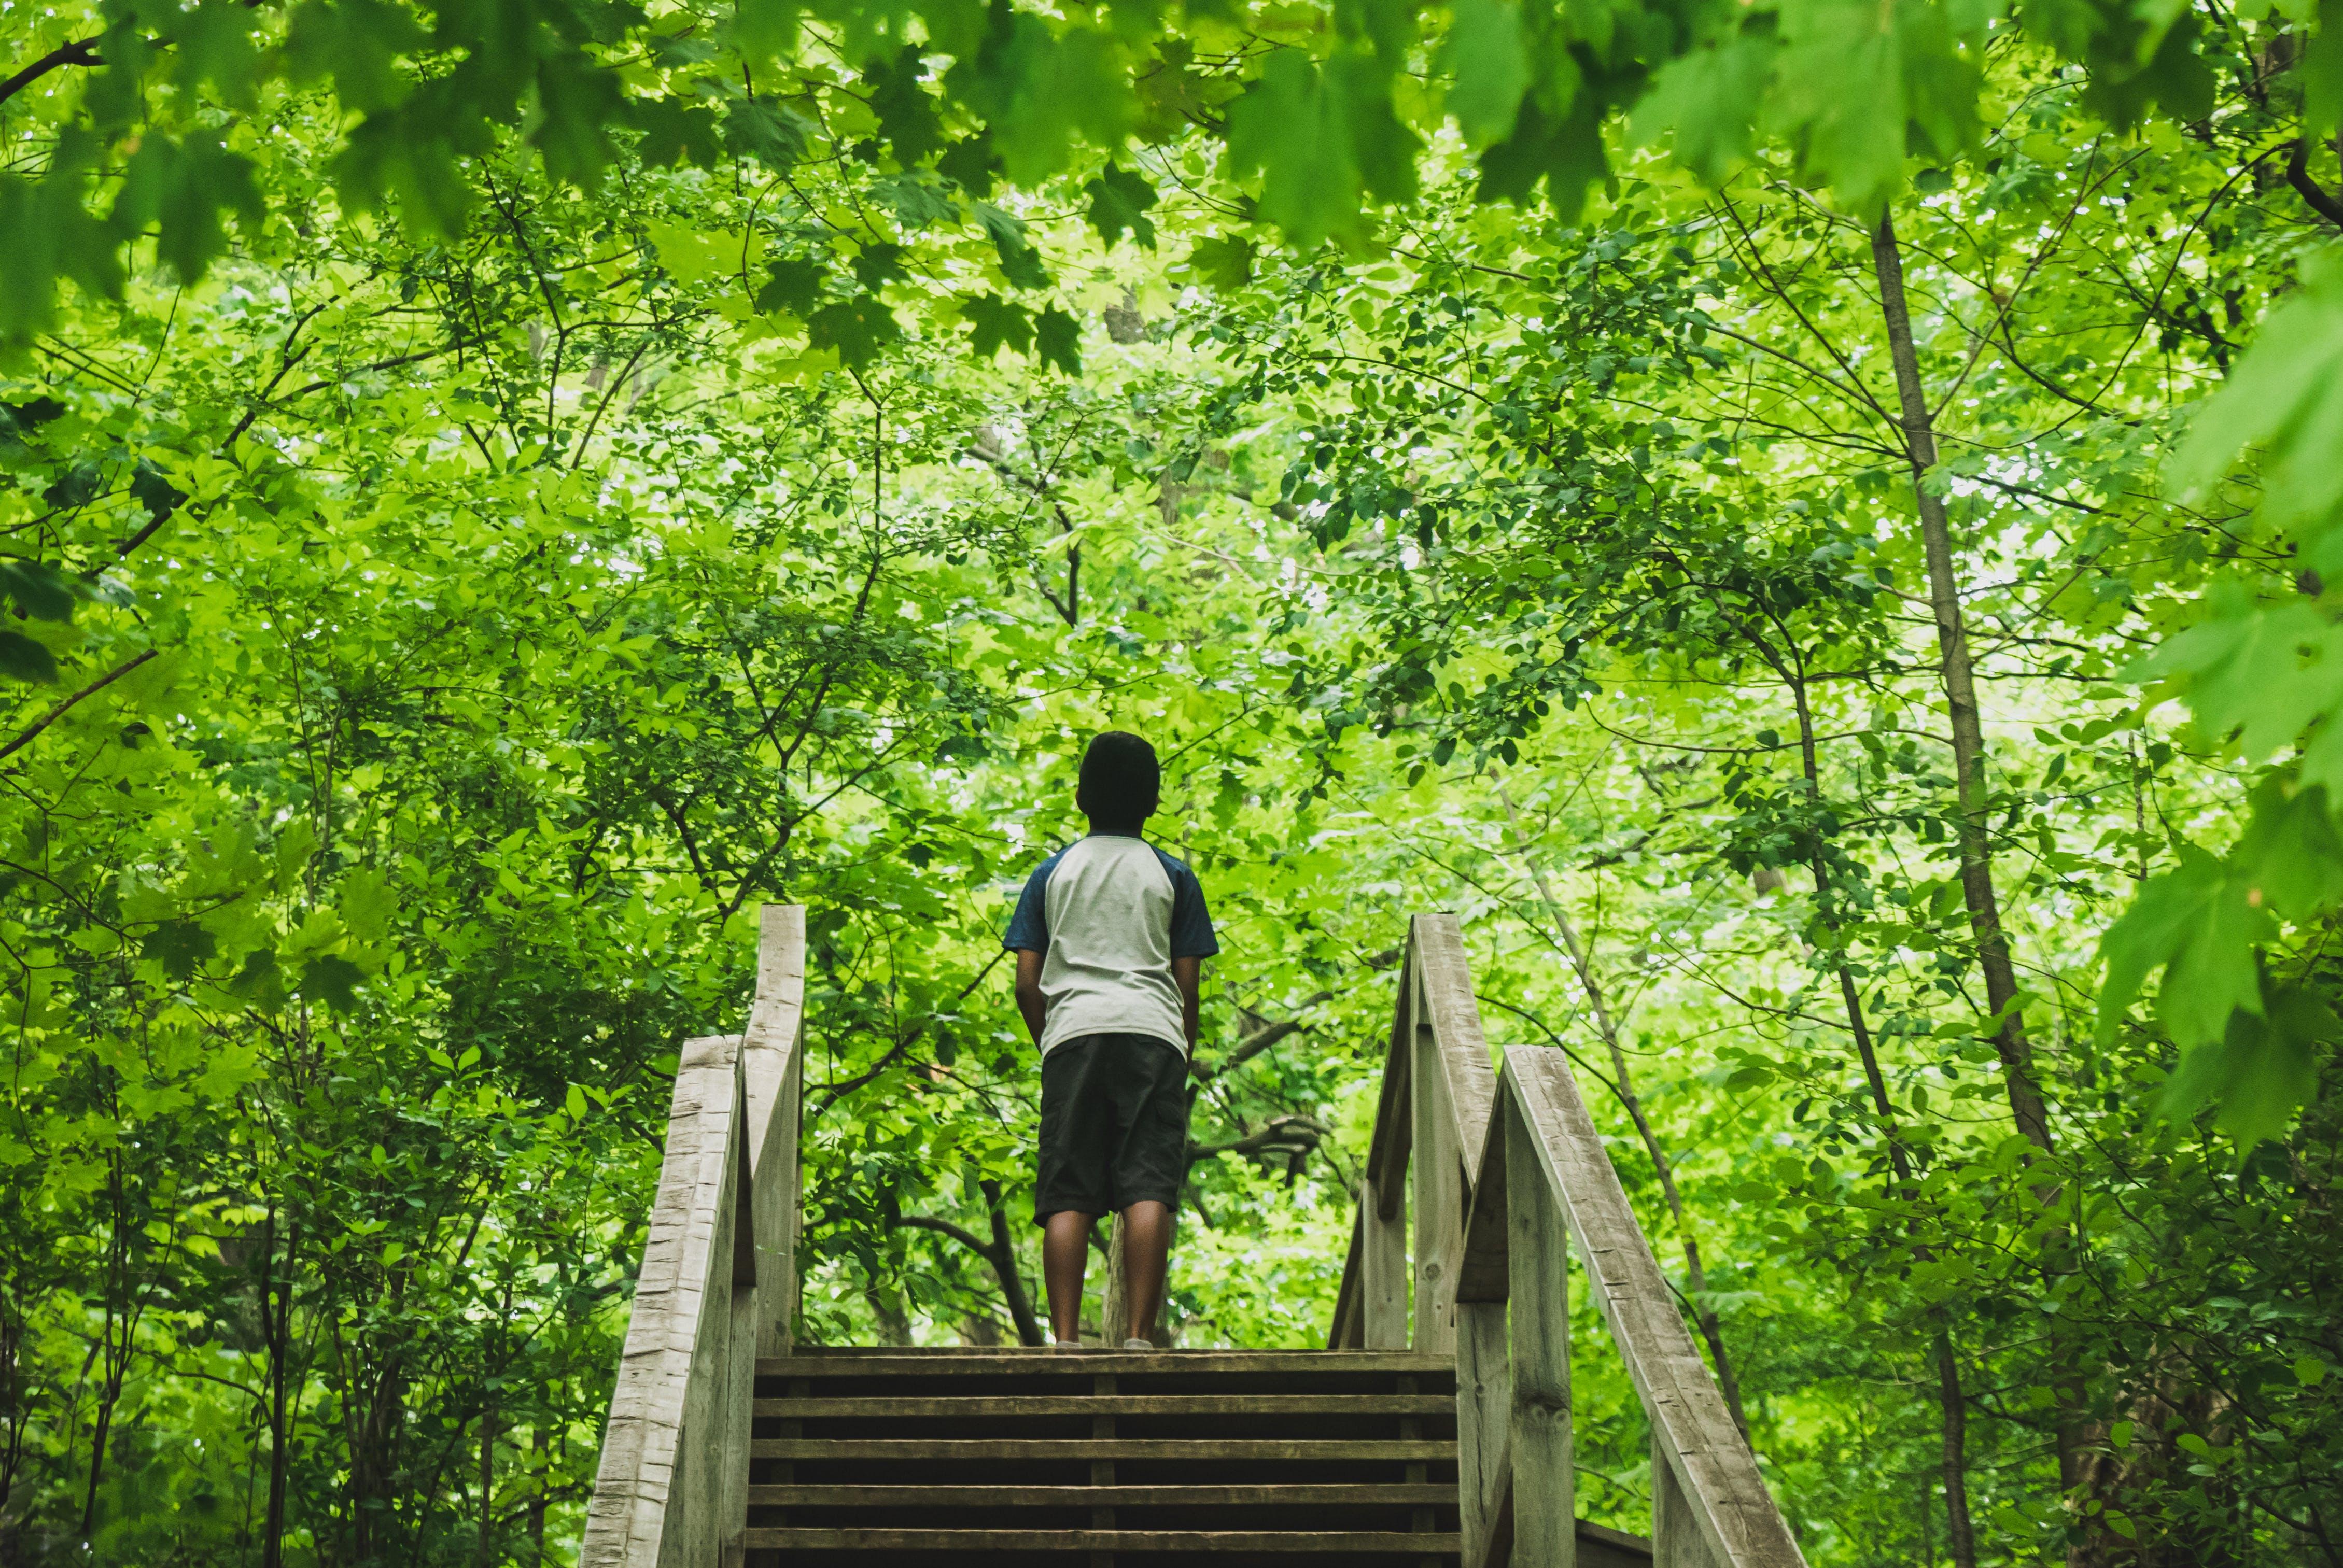 경치, 경치가 좋은, 계절, 나무의 무료 스톡 사진